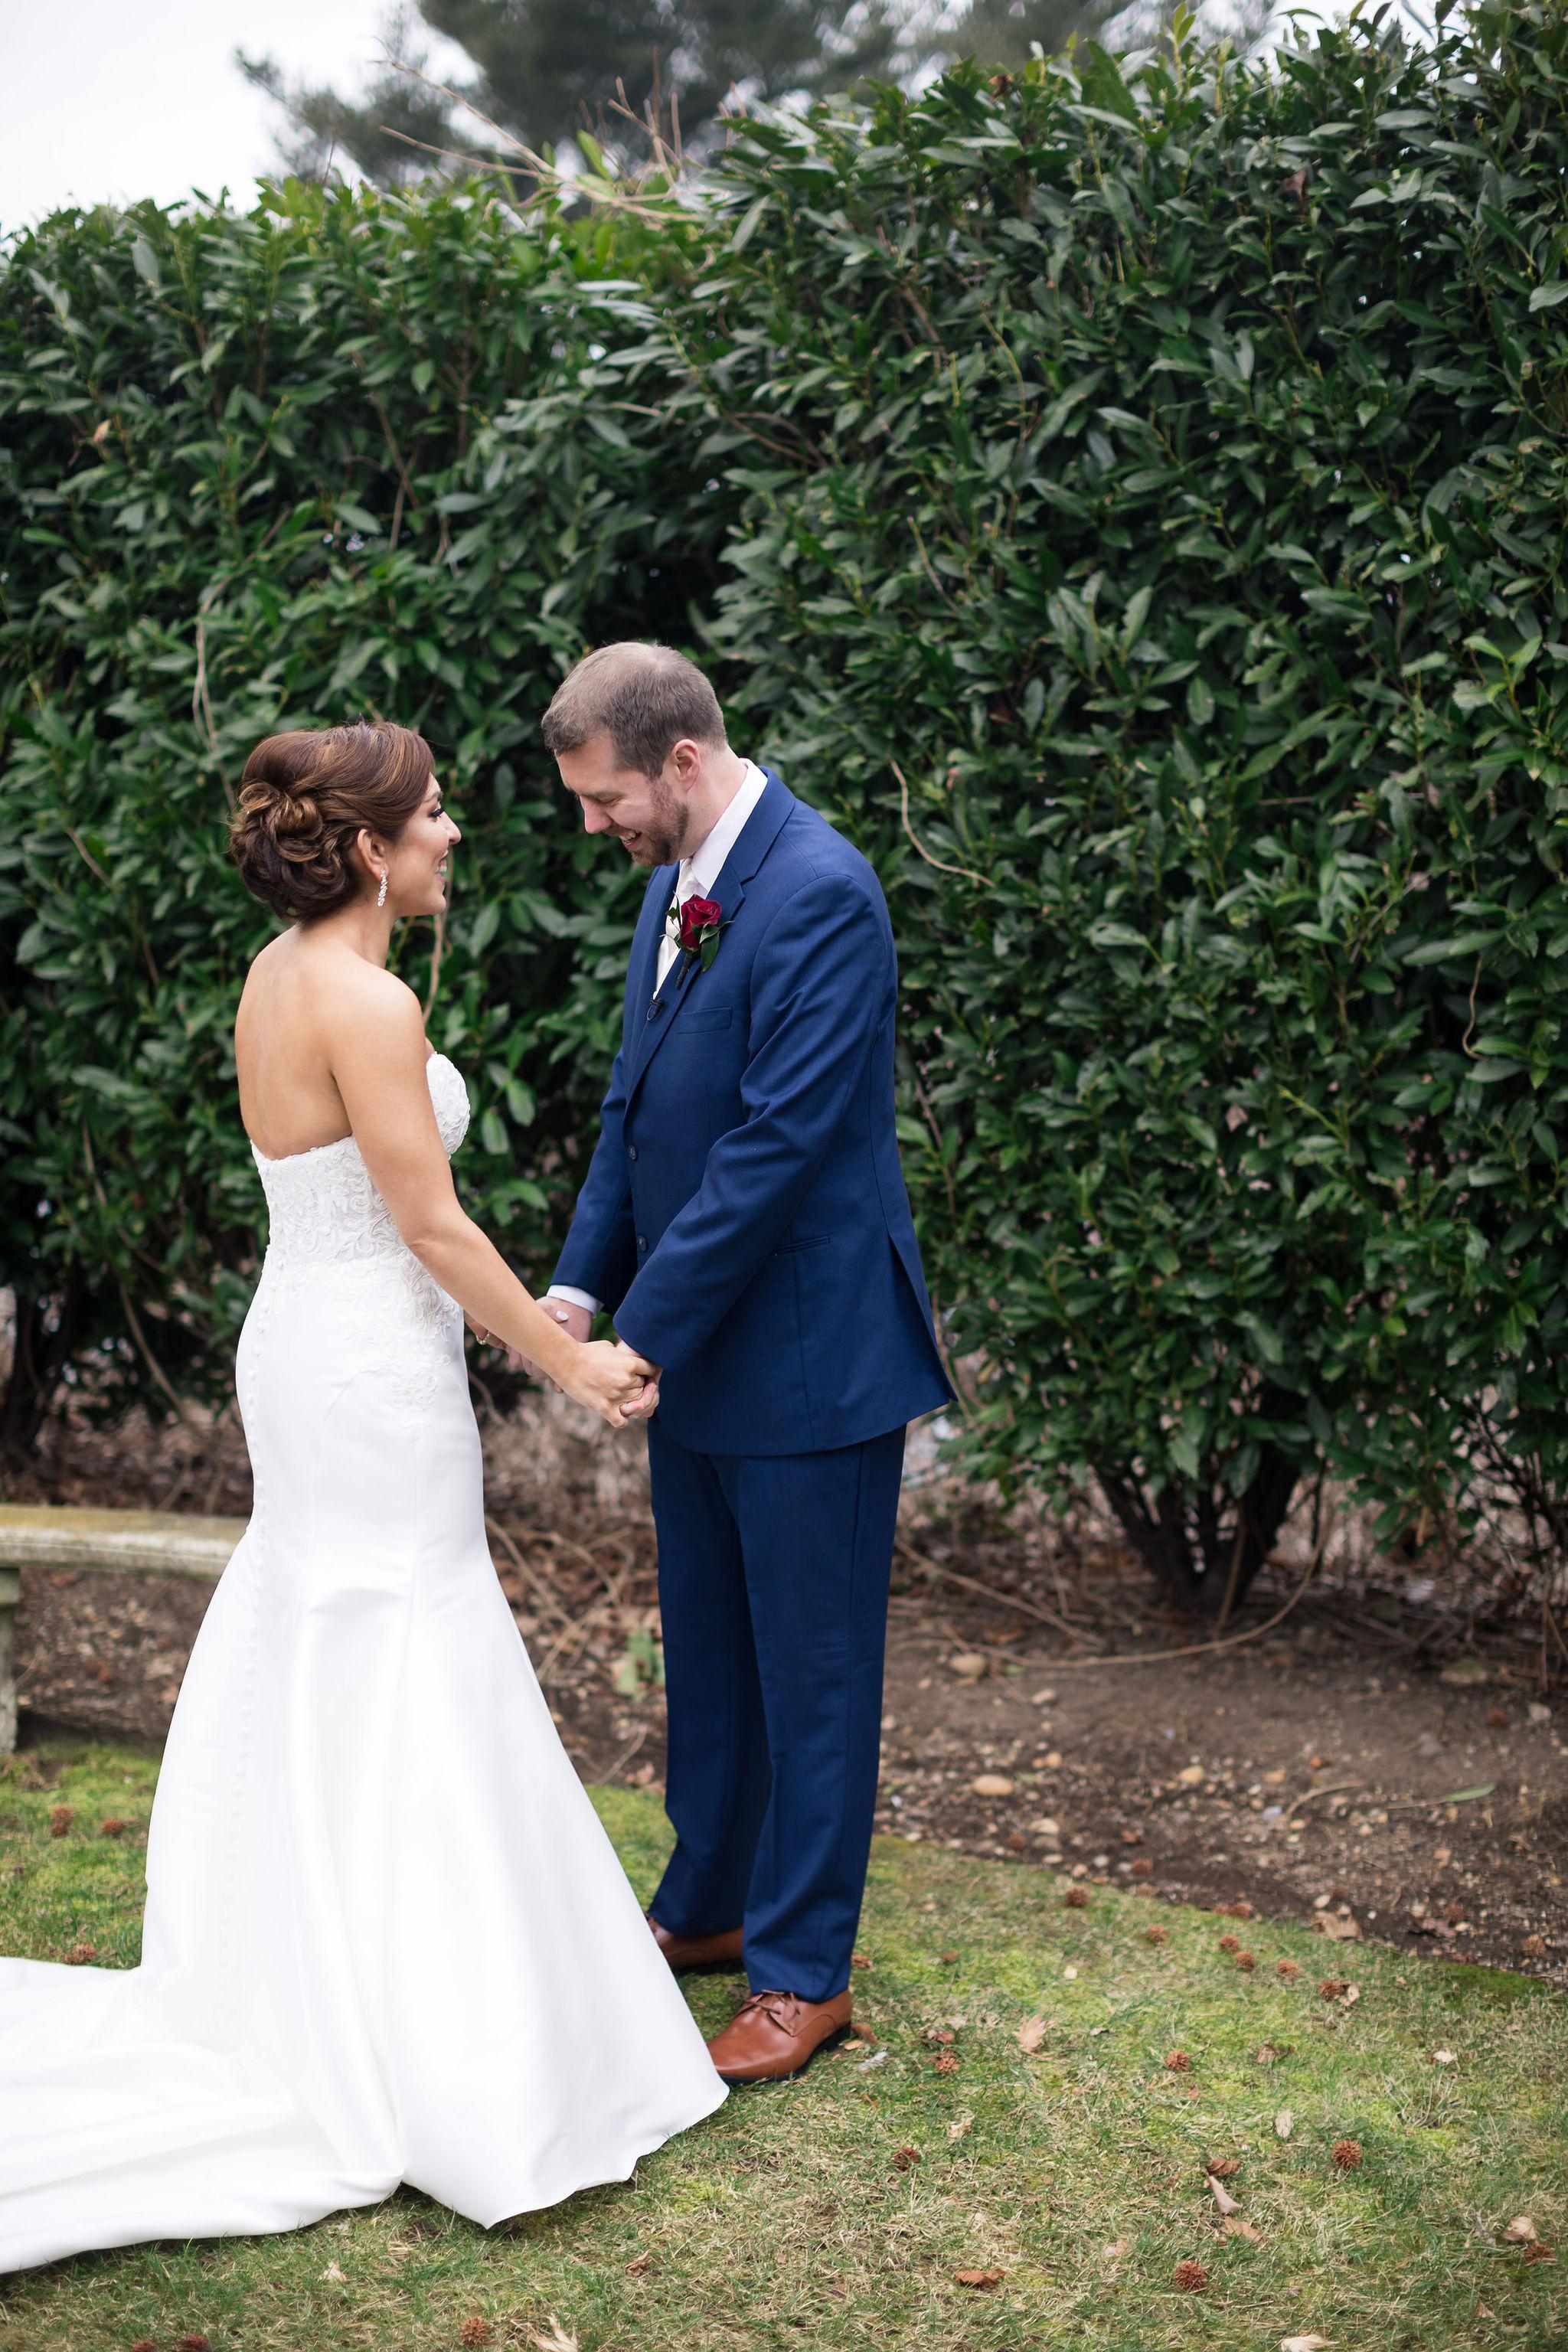 lisa-dan-wedding-first-look-27.JPG